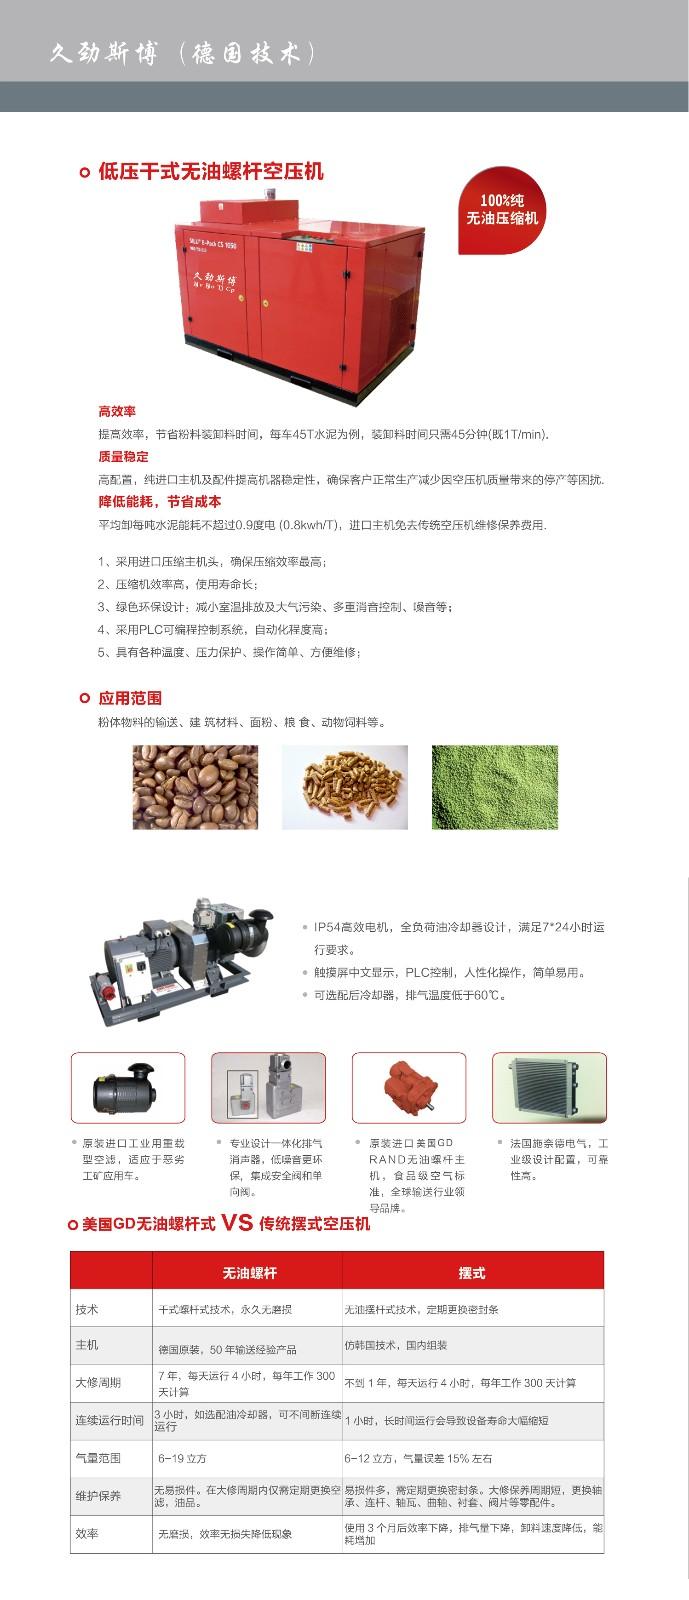 低压干式无油螺杆空压机